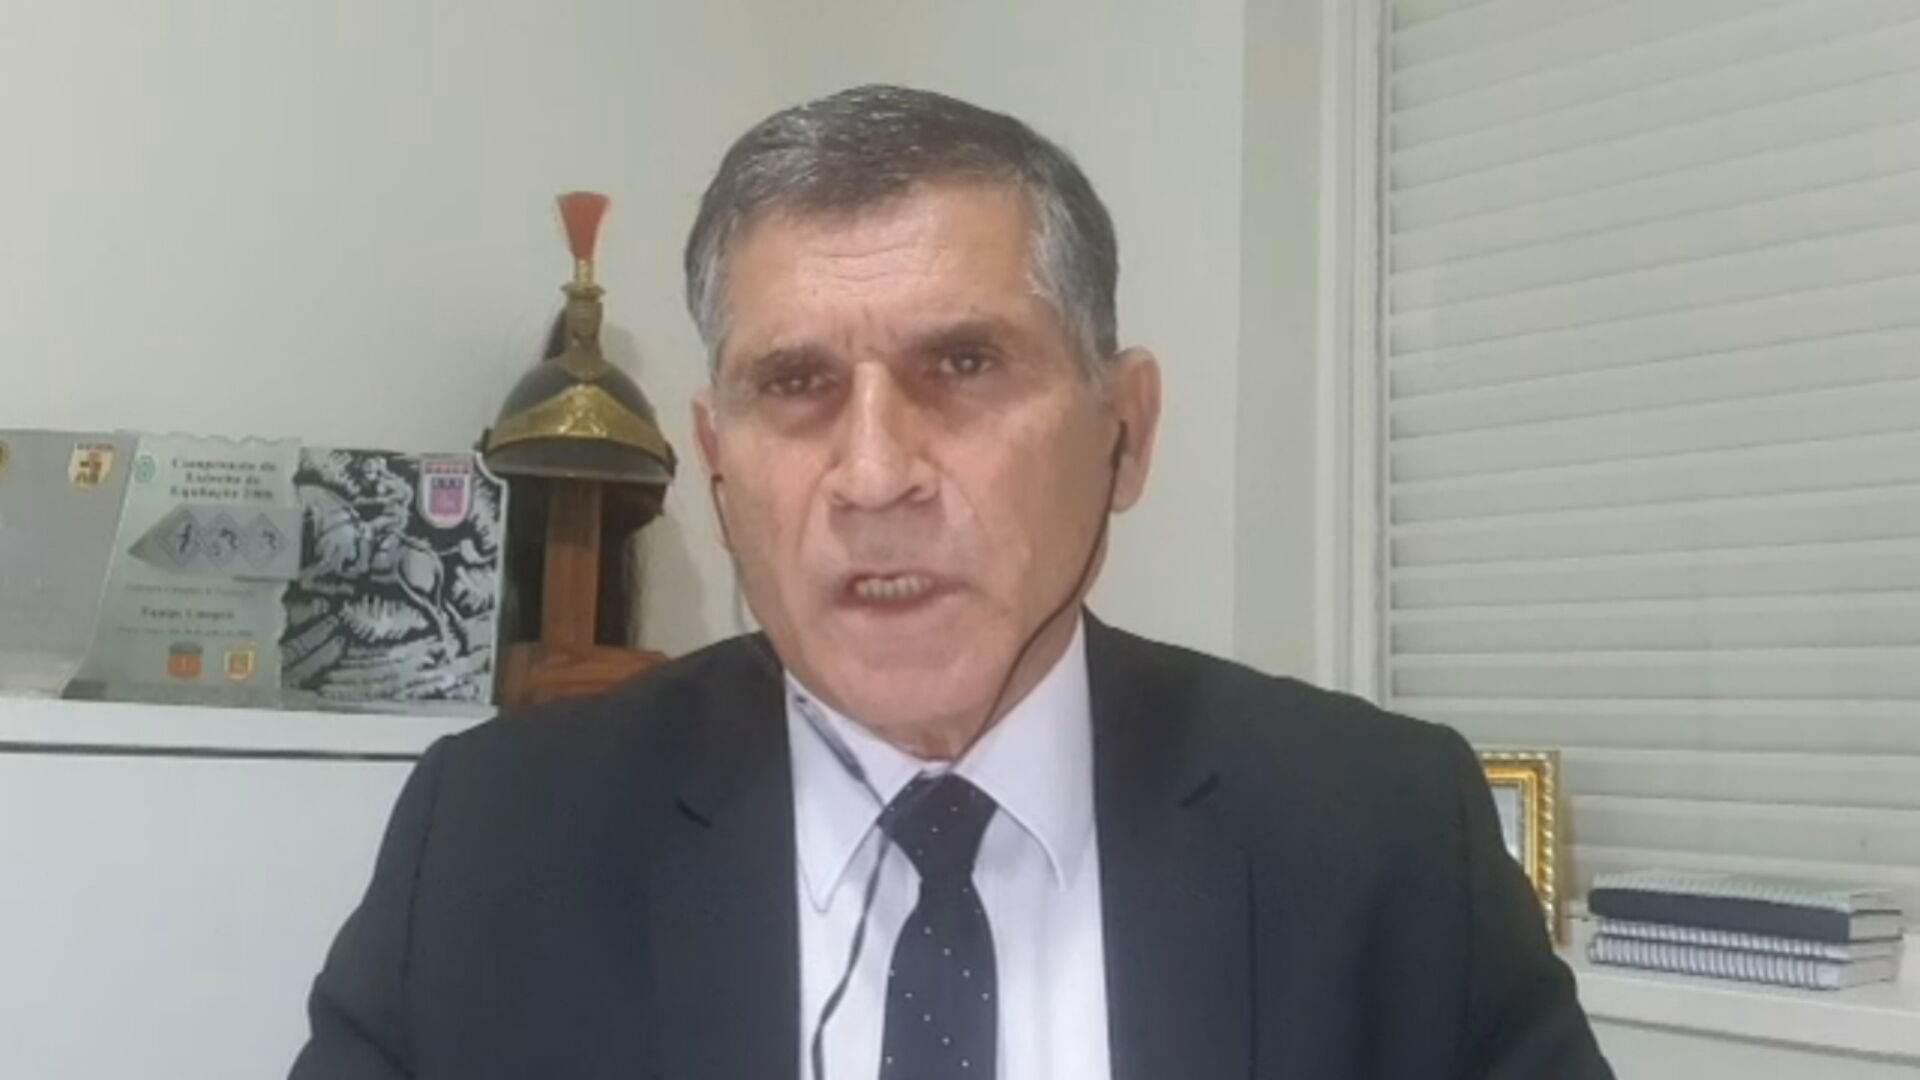 O ex-ministro da Secretaria do Governo general Santos Cruz em entrevista à CNN